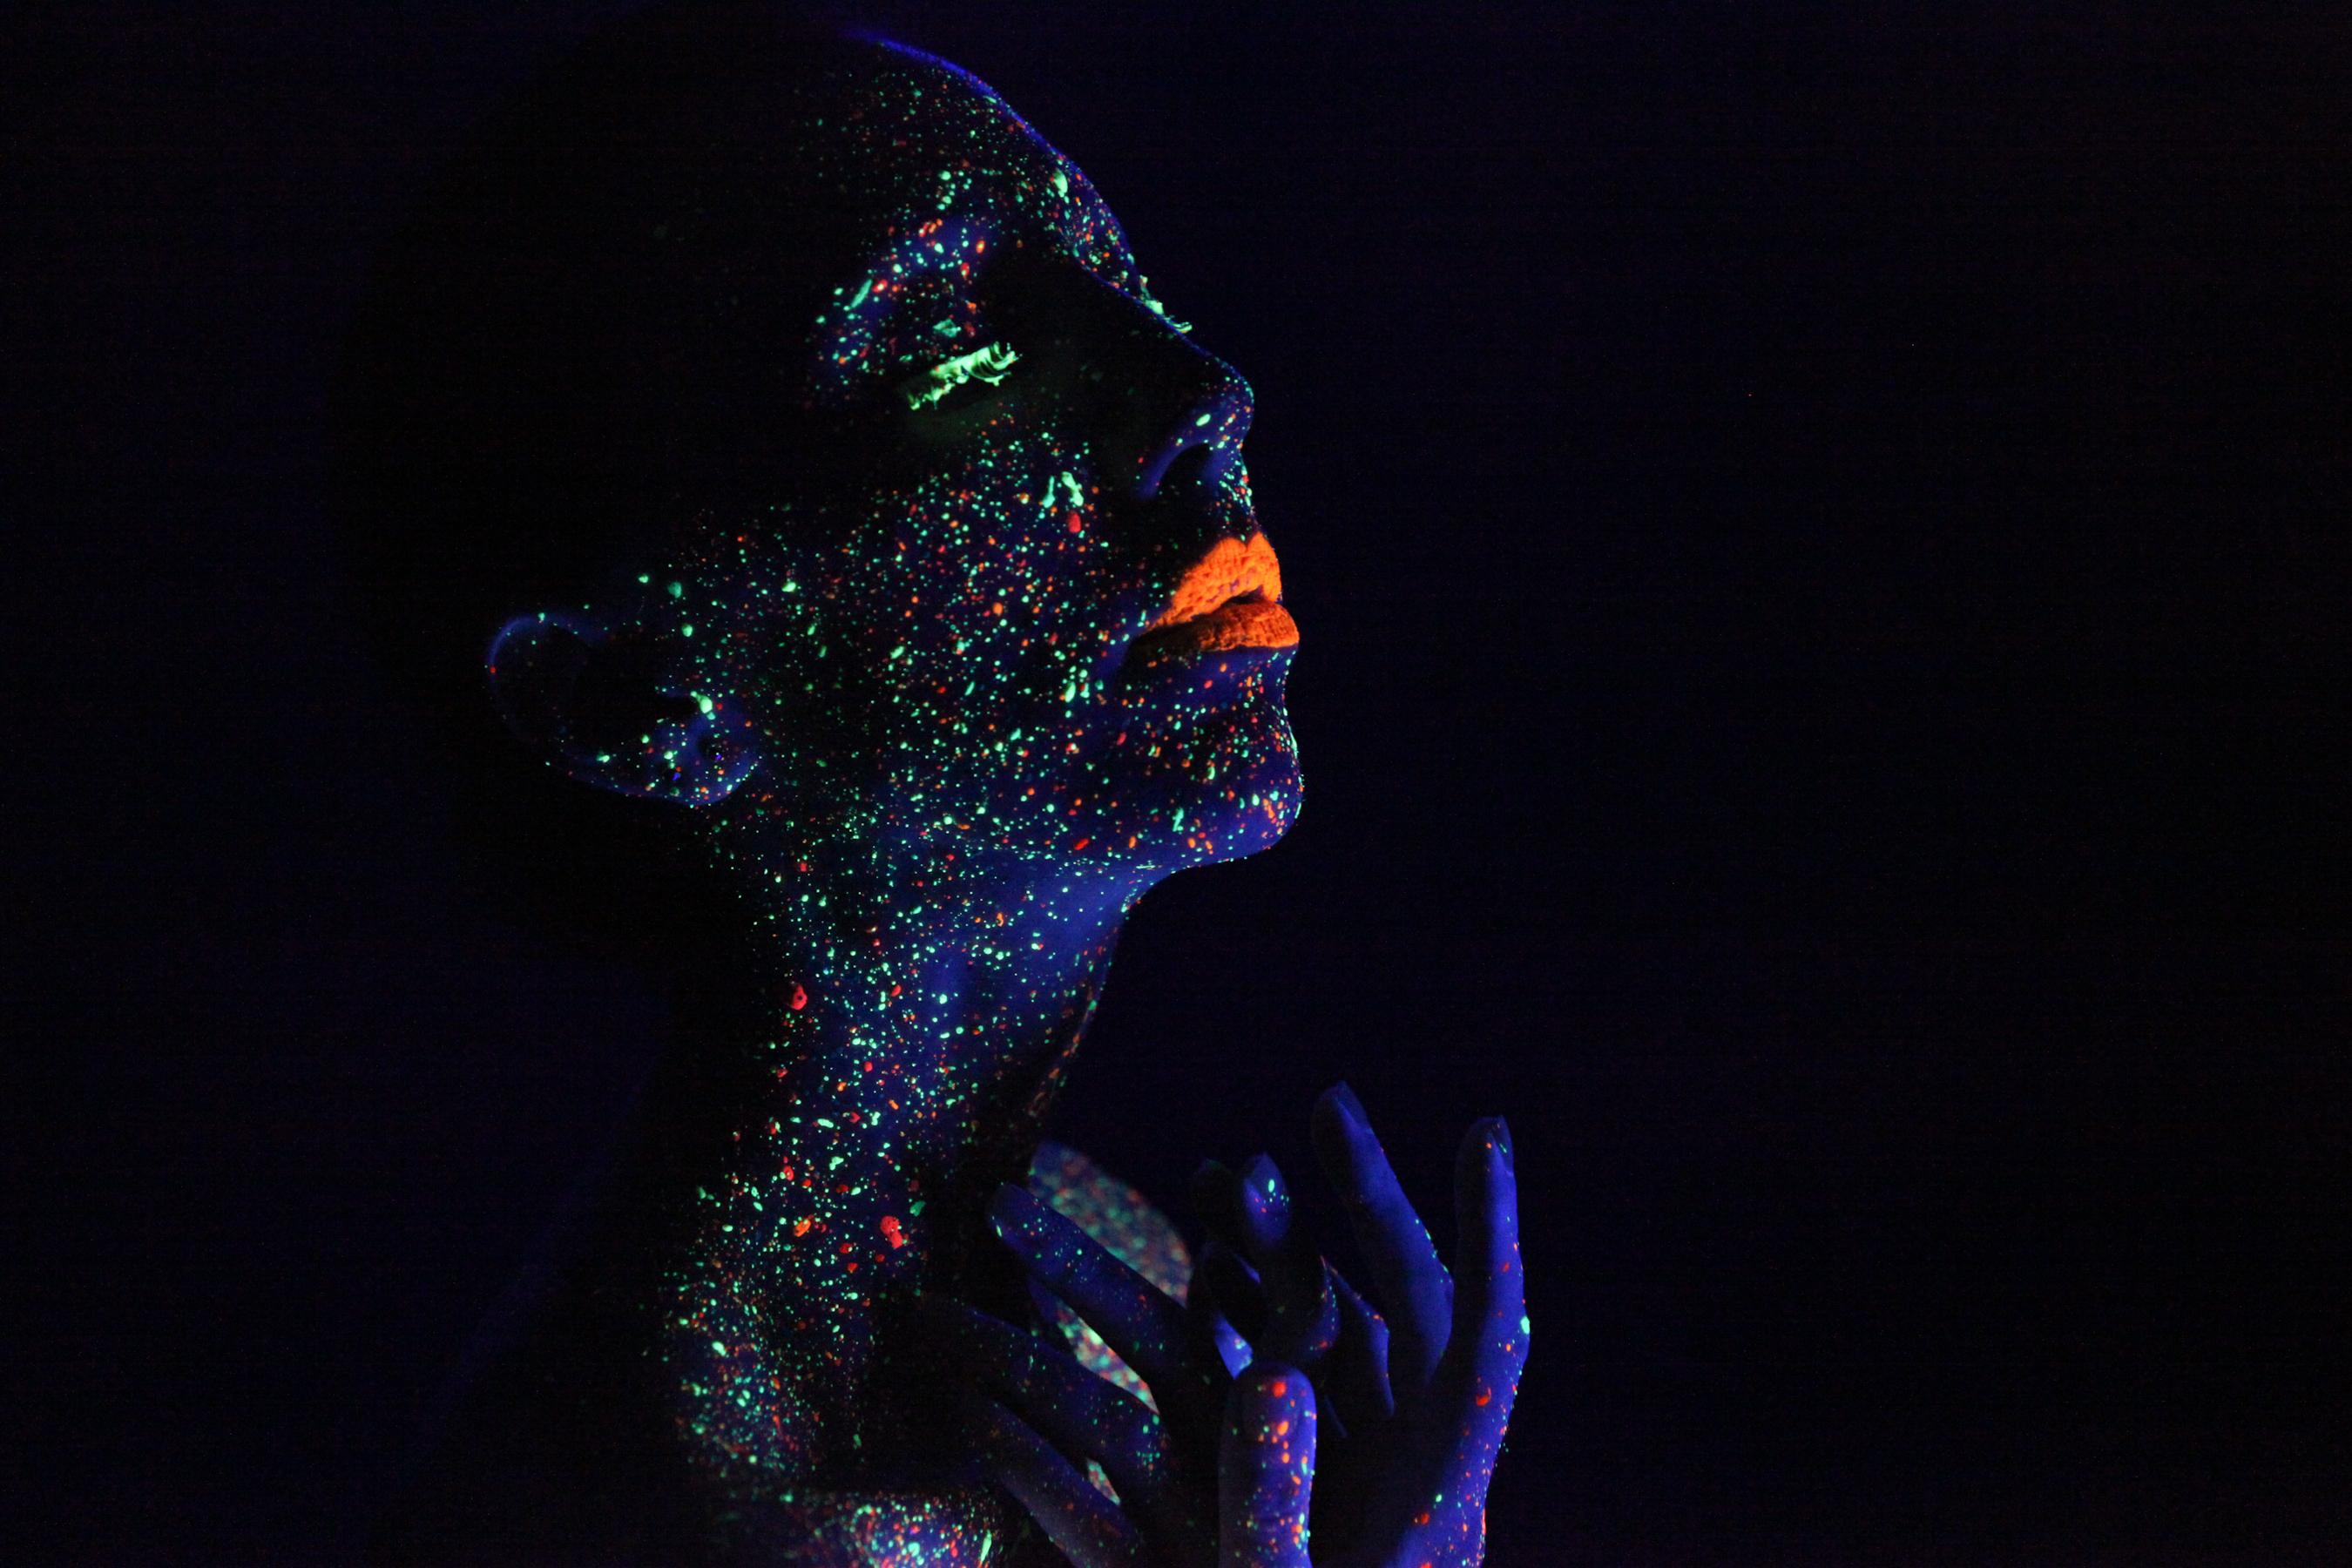 glow-5 by xstockx